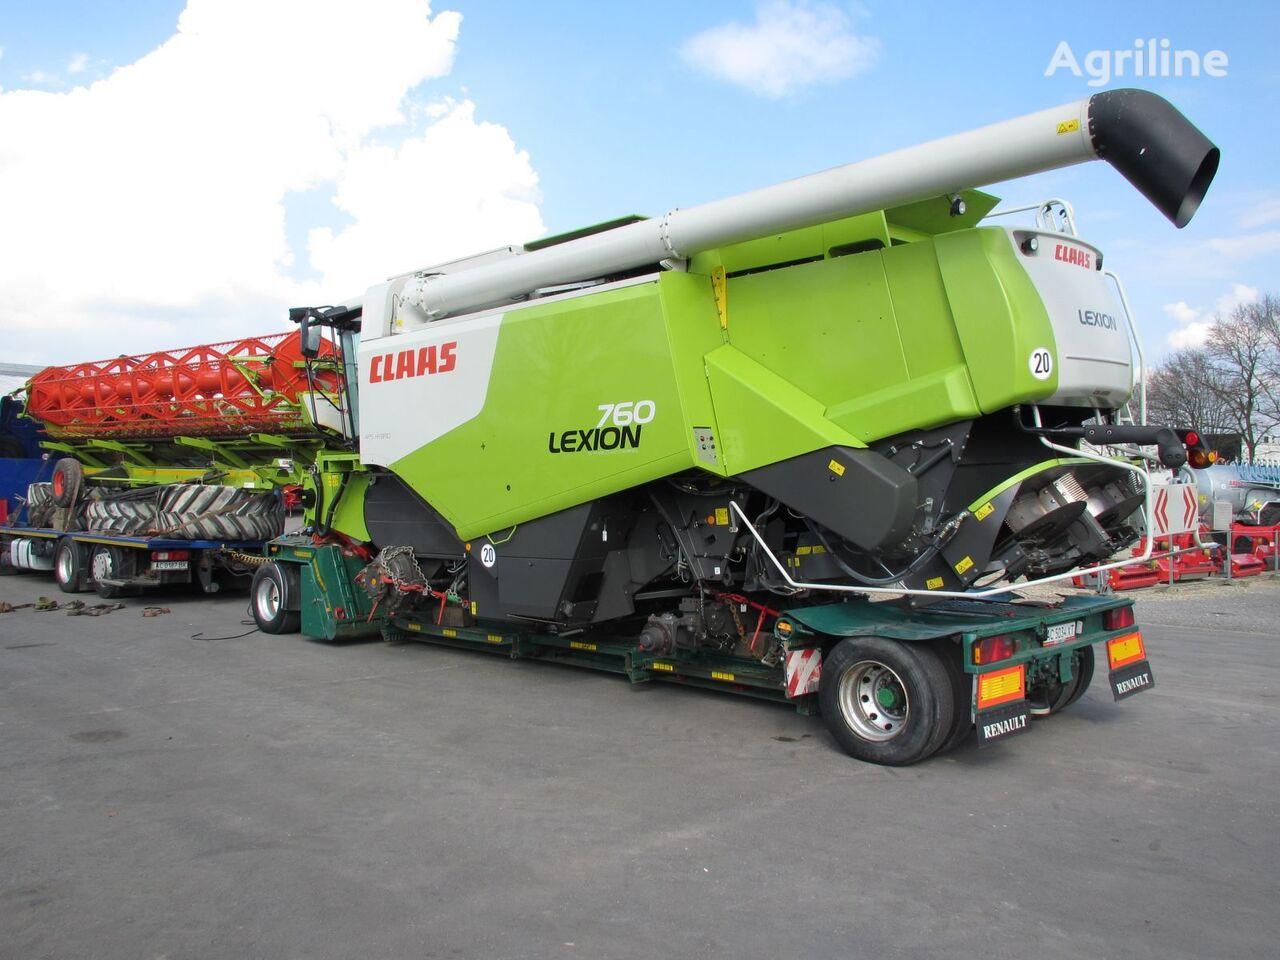 CLAAS Lexion 760 cosechadora